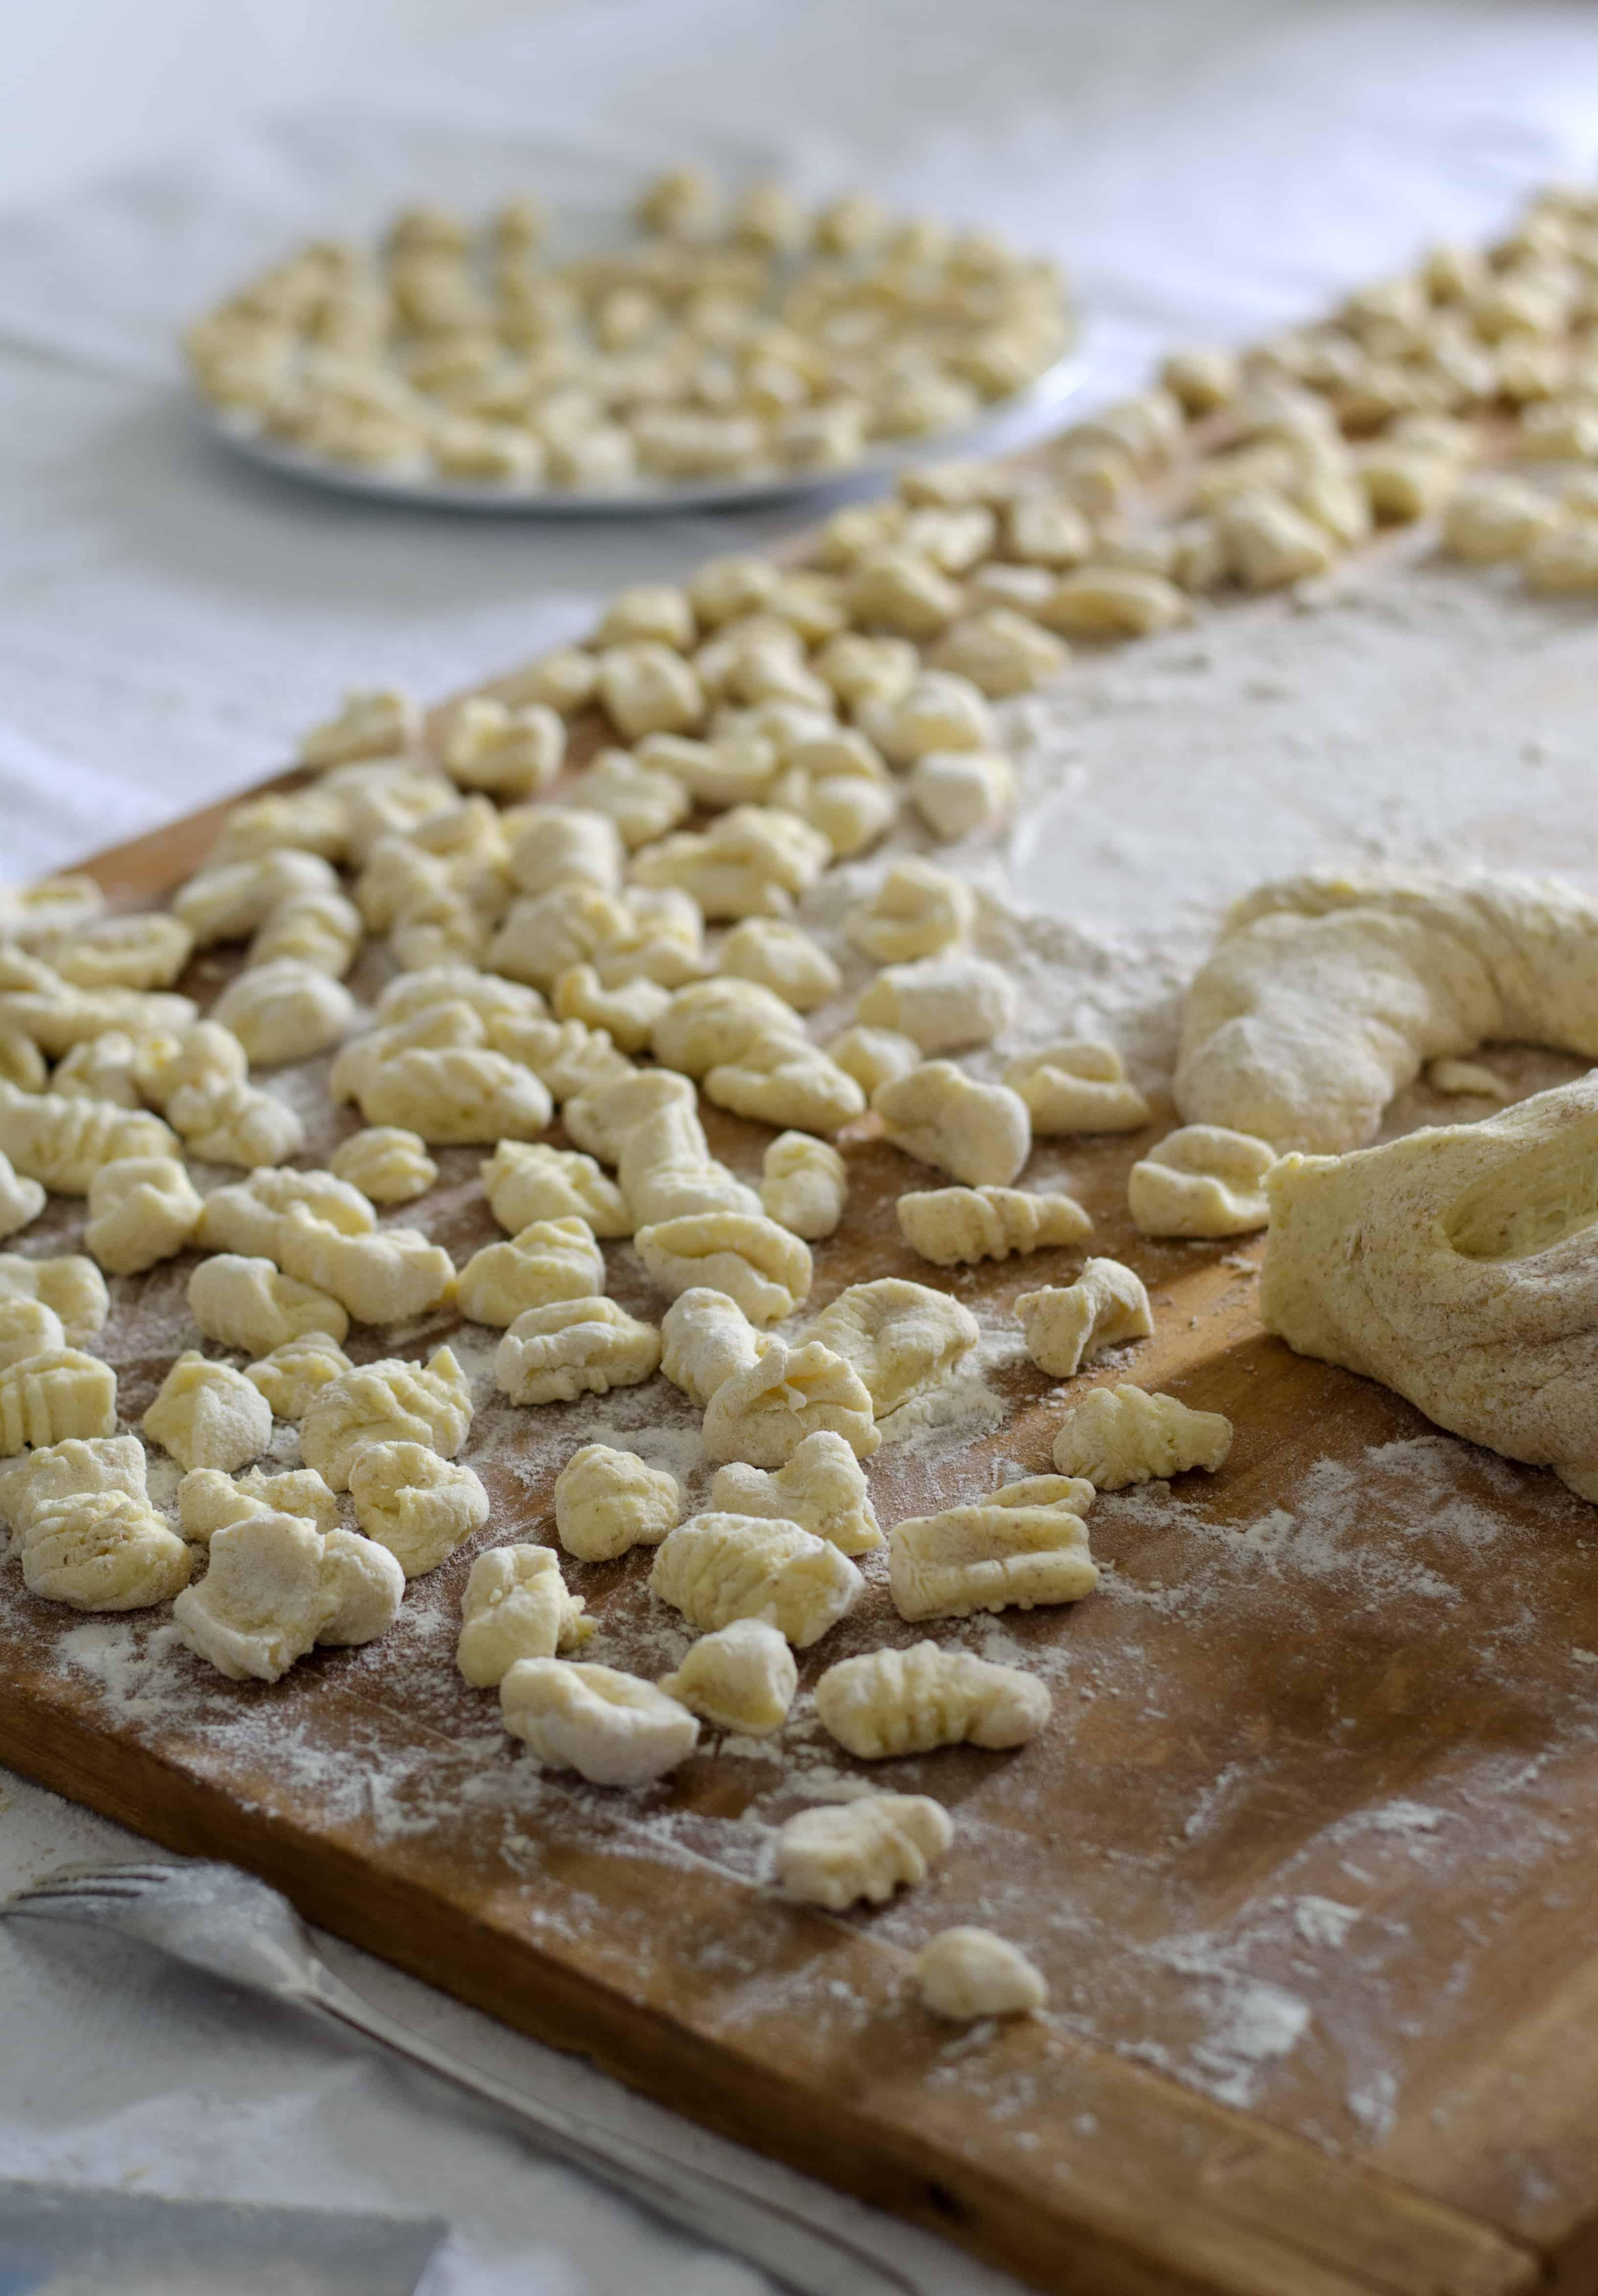 Gnocchi und Gnocchiteig und etwas Mehl auf einem Holfbrett